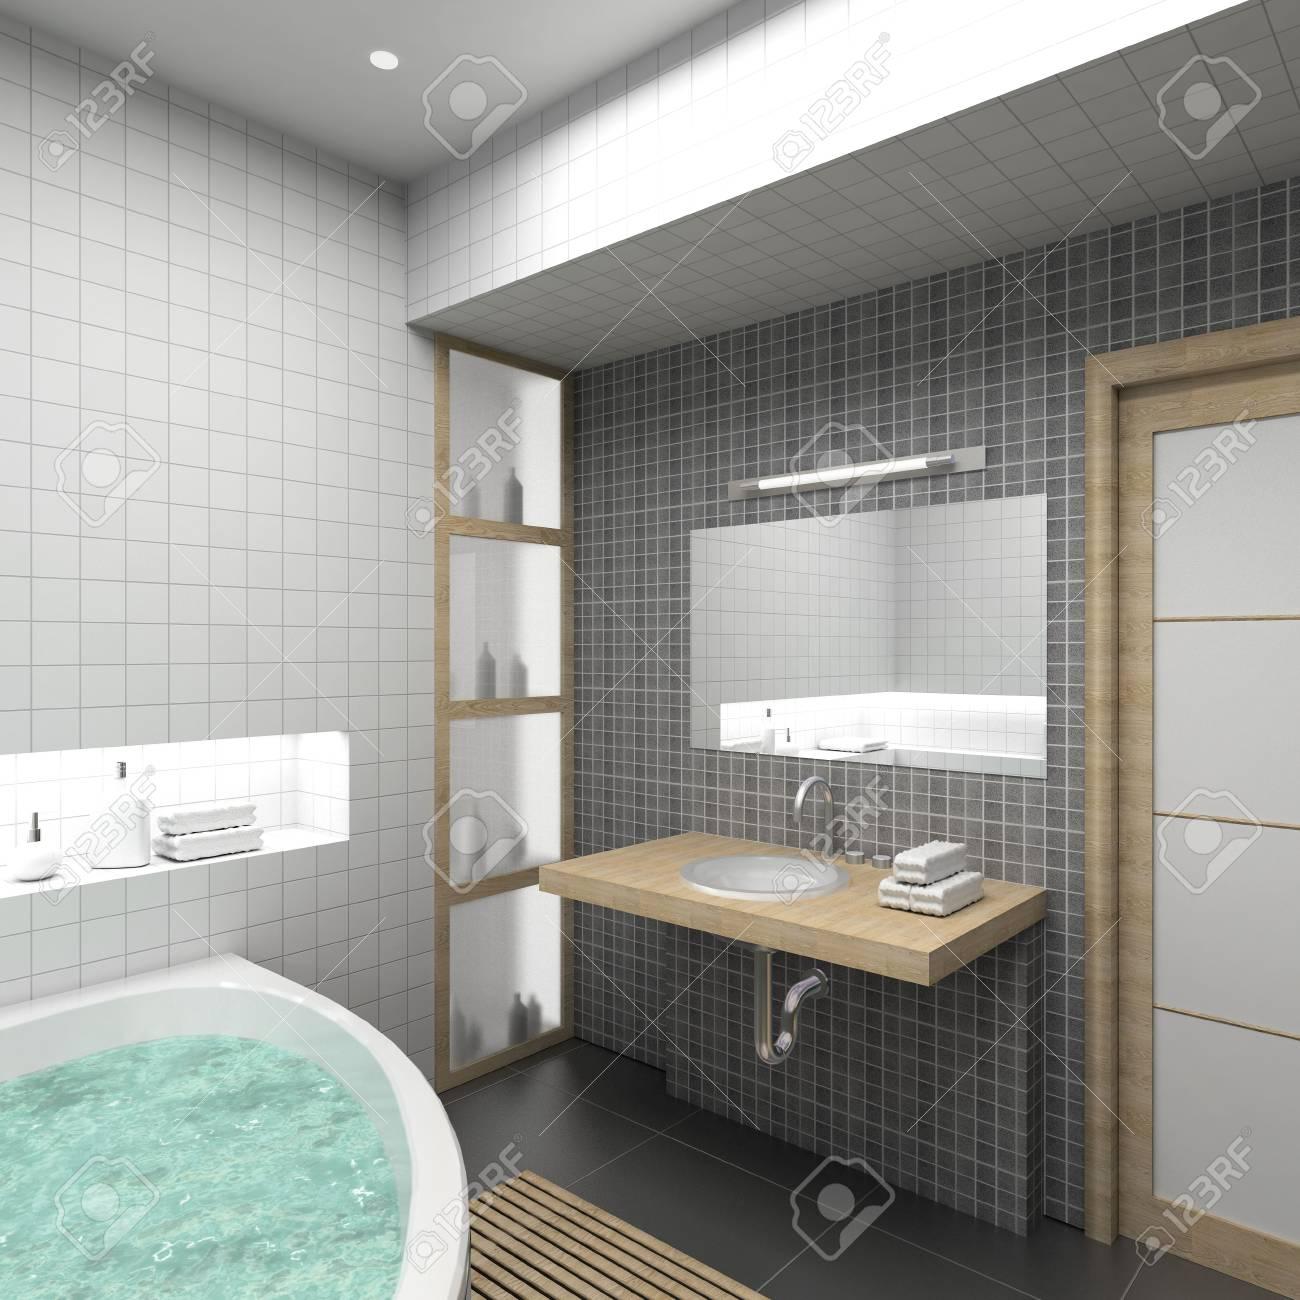 Un interior moderno. 3D render. Cuarto de baño. Diseño exclusivo.